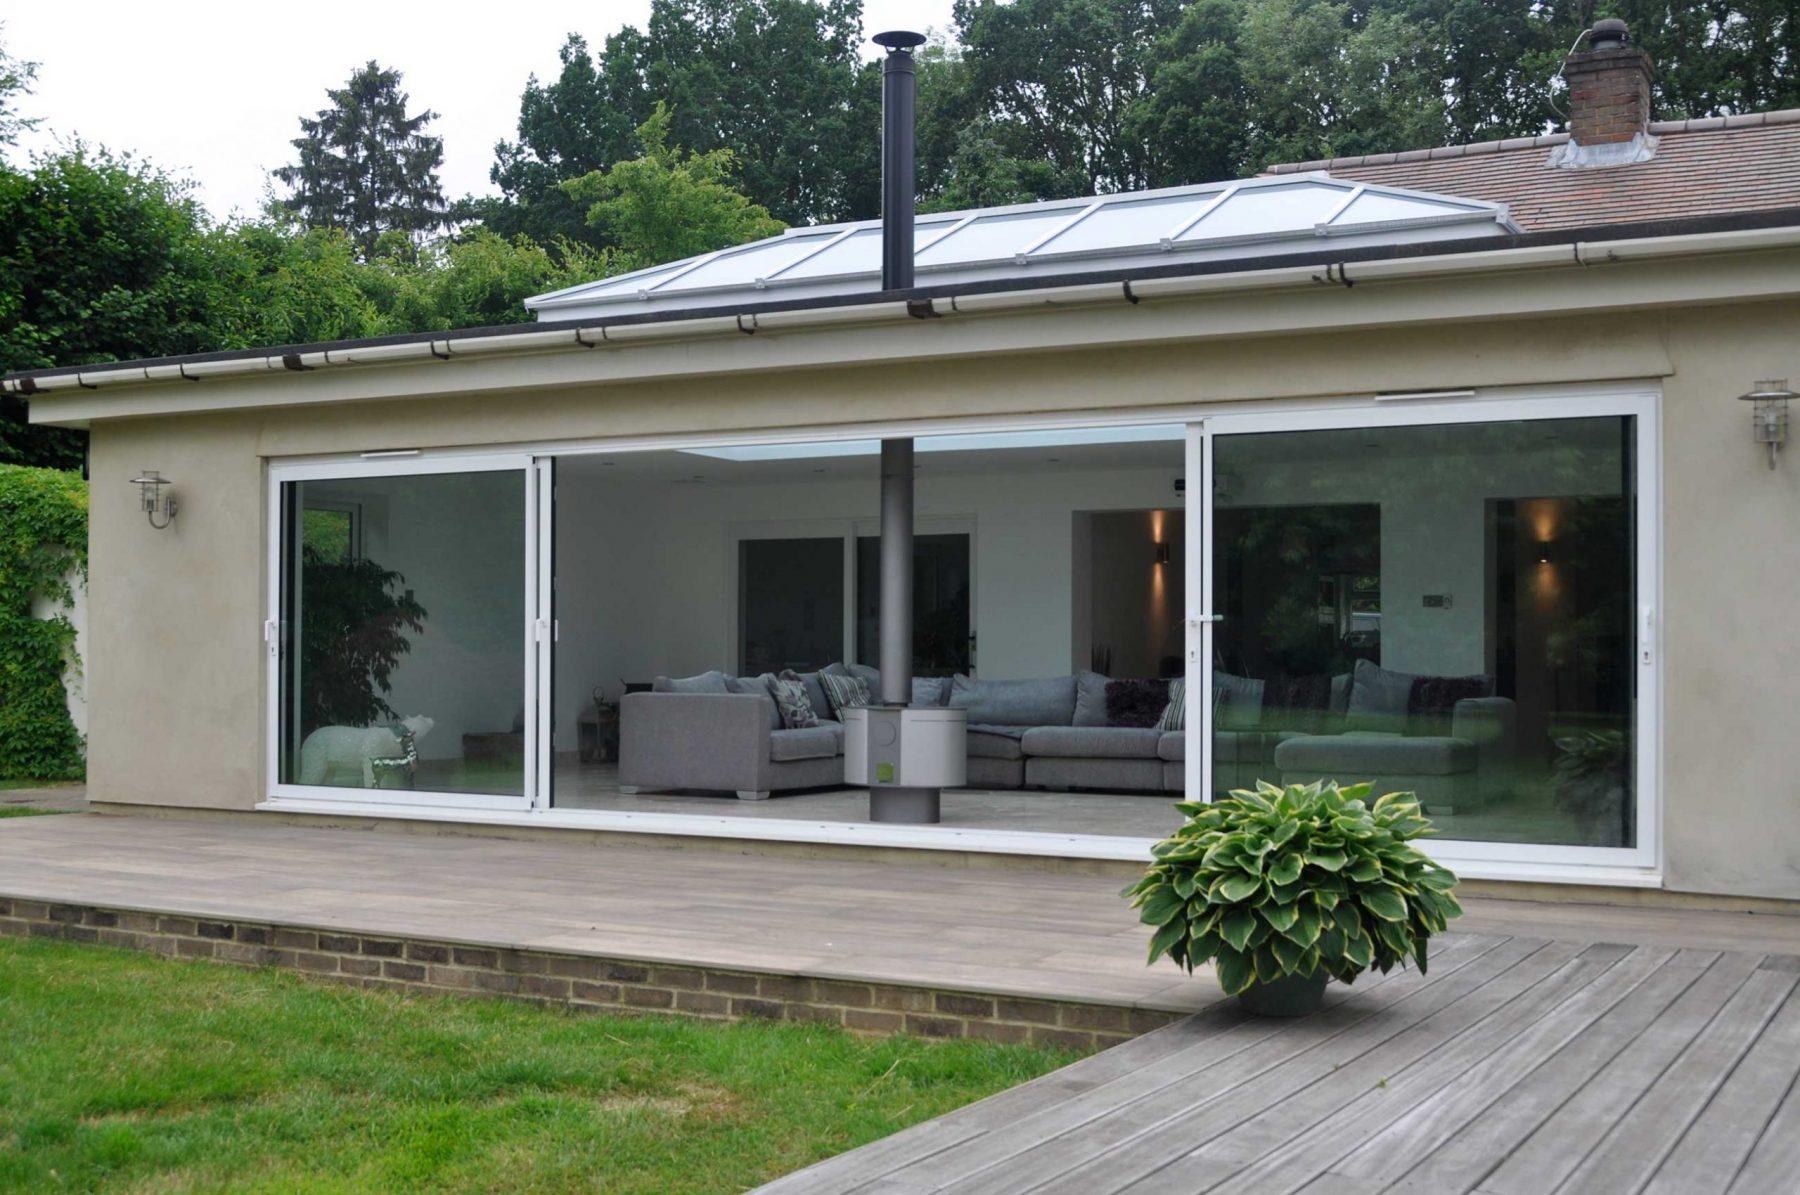 Wide span aluminium patio doors in white